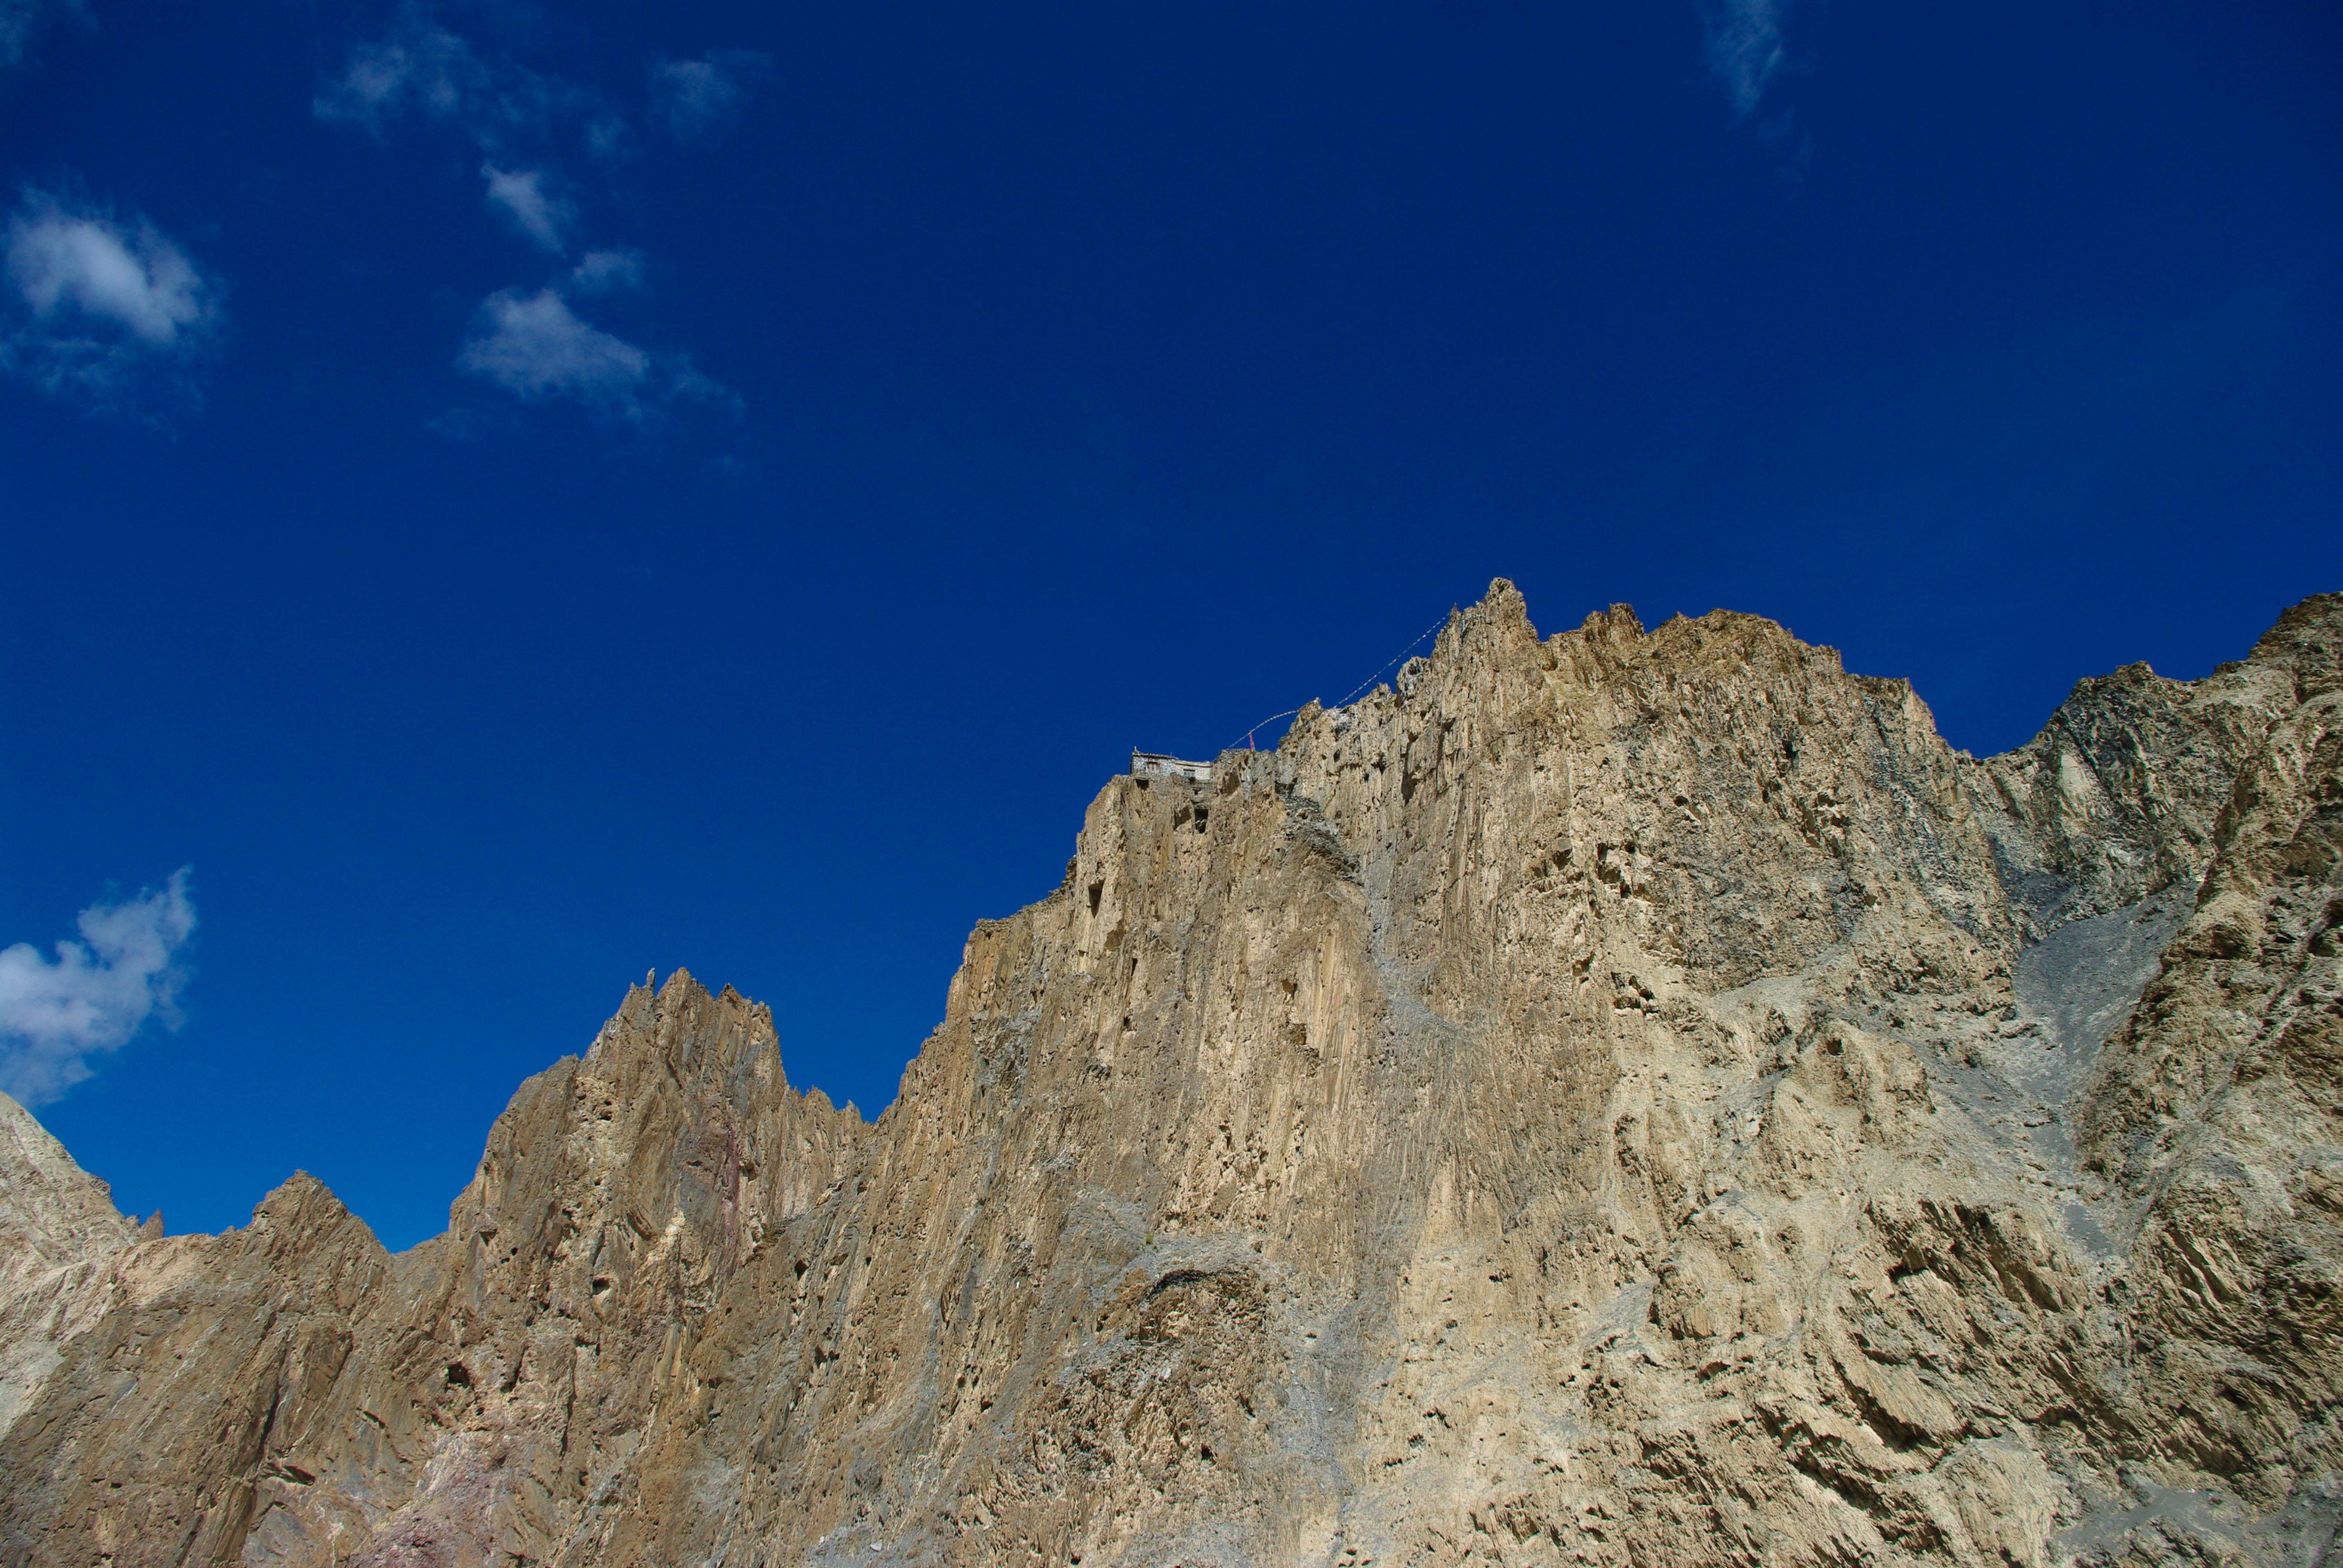 Монастырь на скале в Гималаях